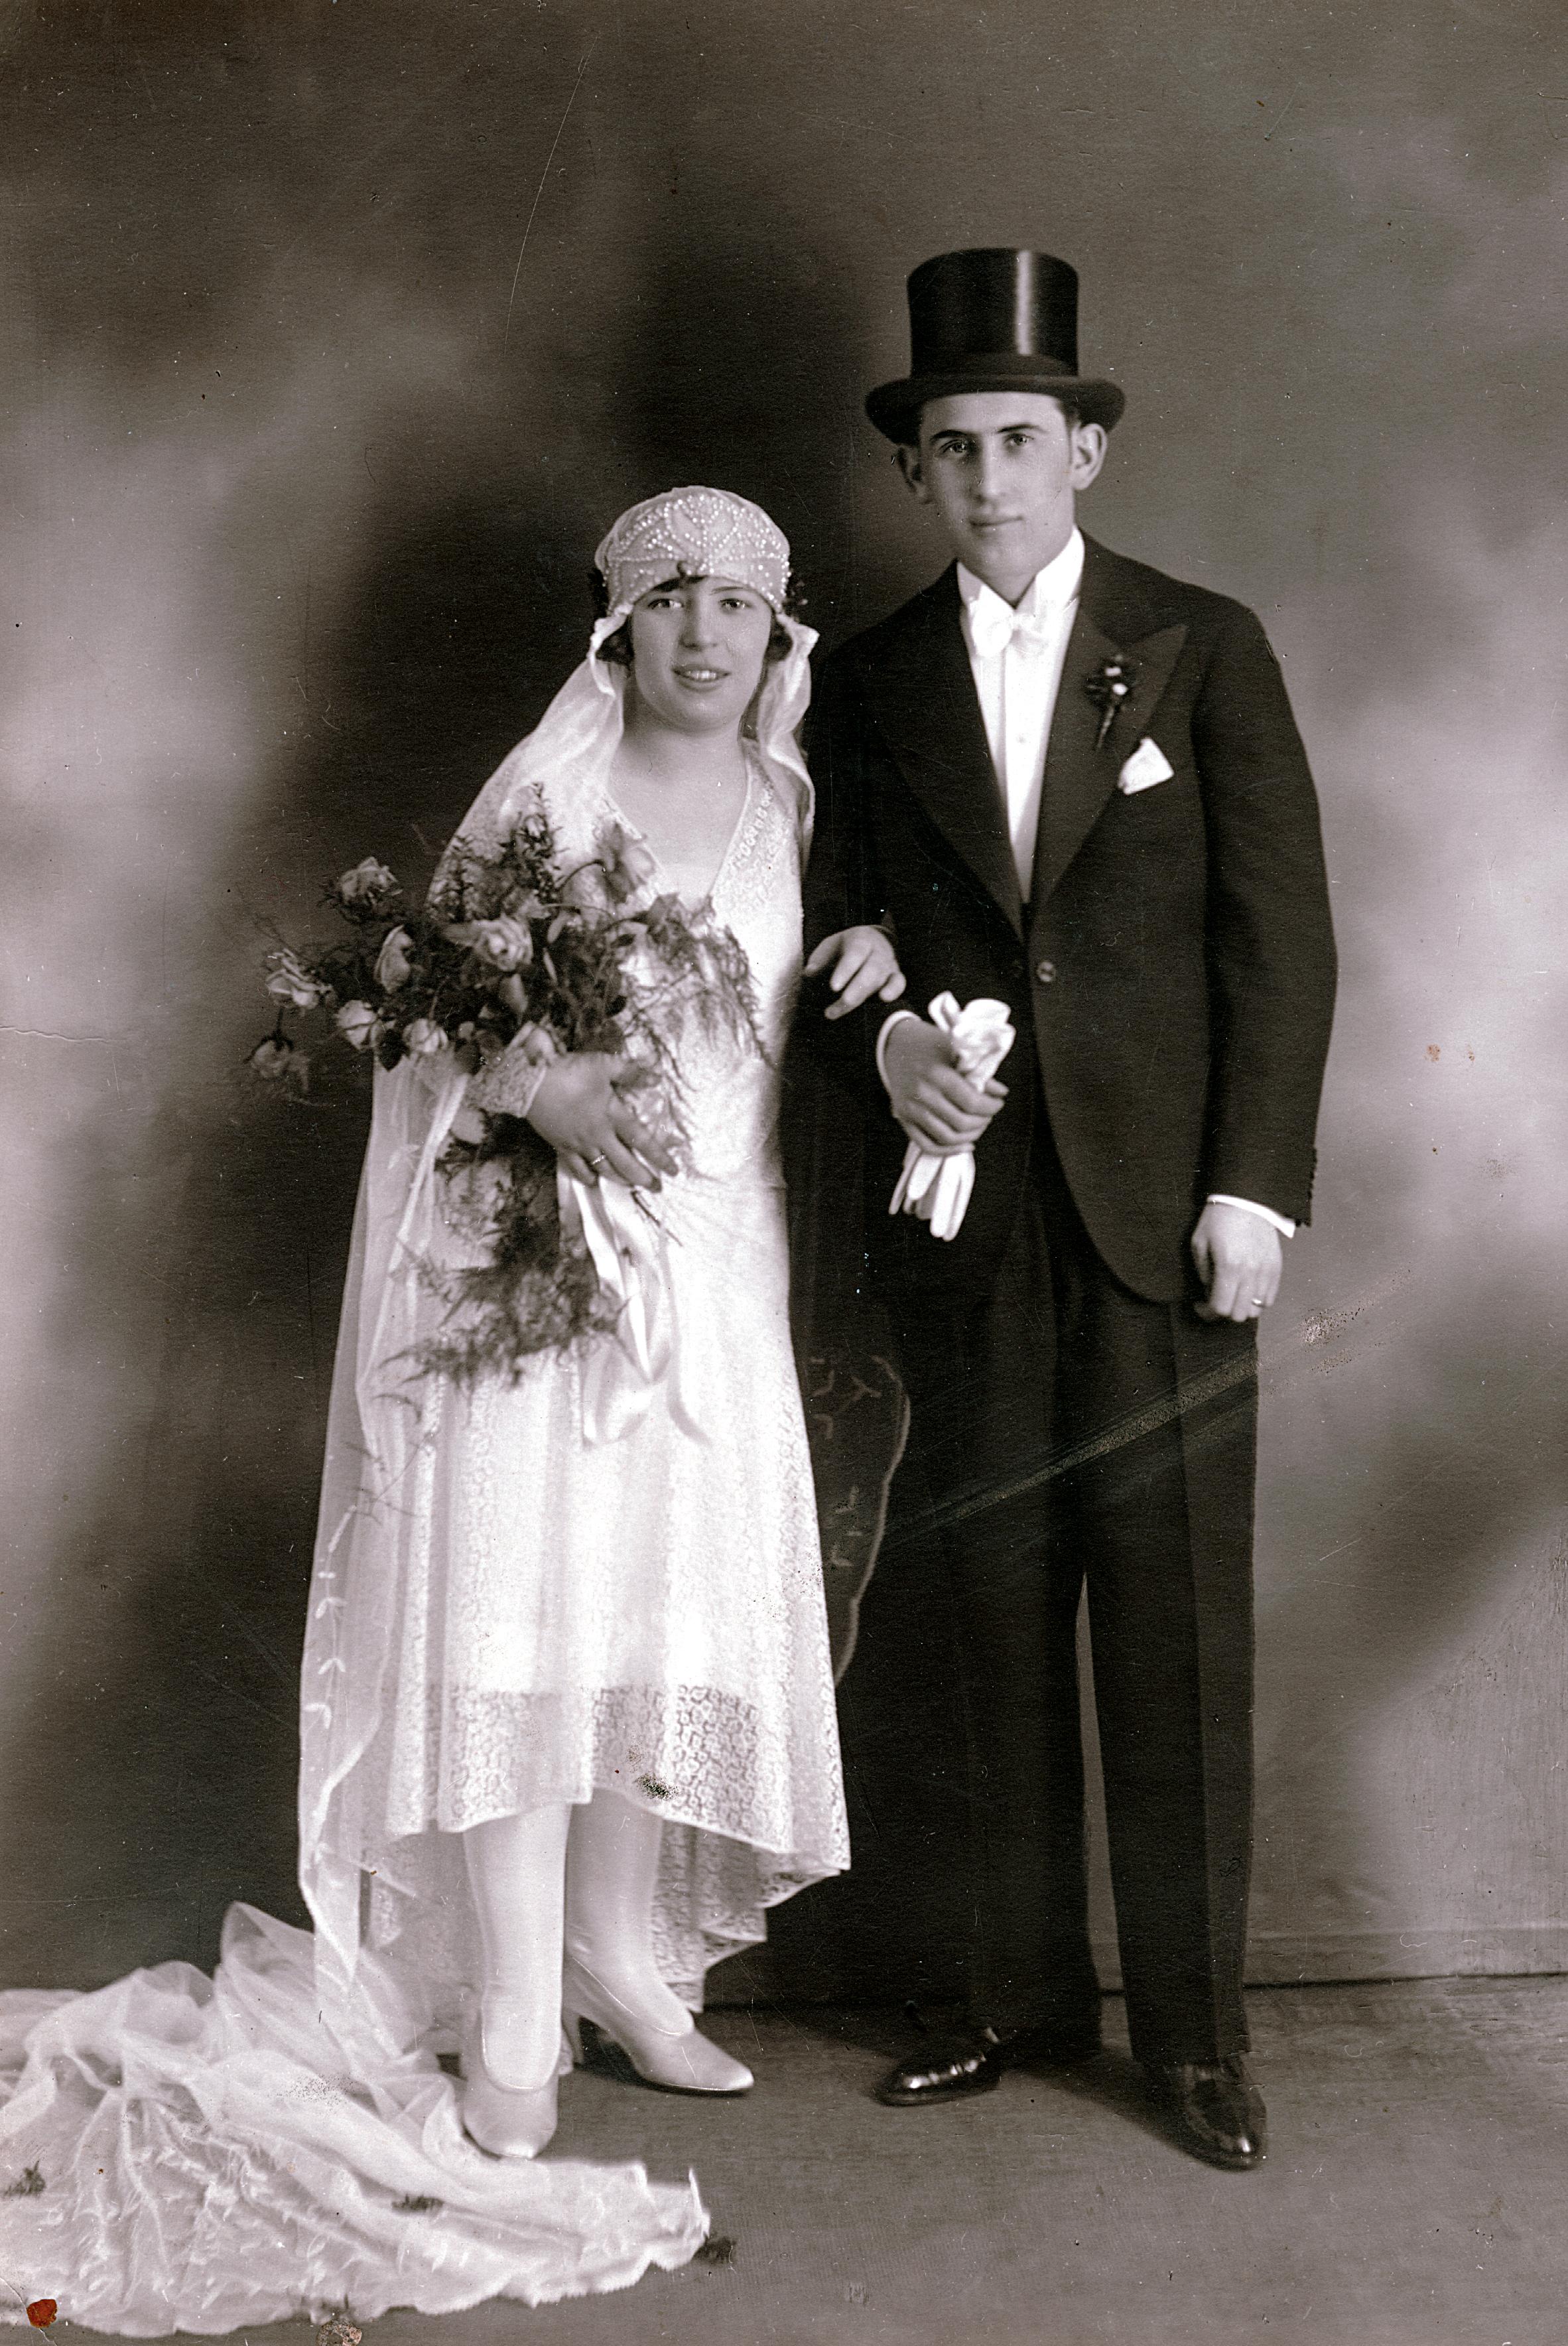 Hochzeitfoto von Rosa Rosenstein und Maximilian Weisz